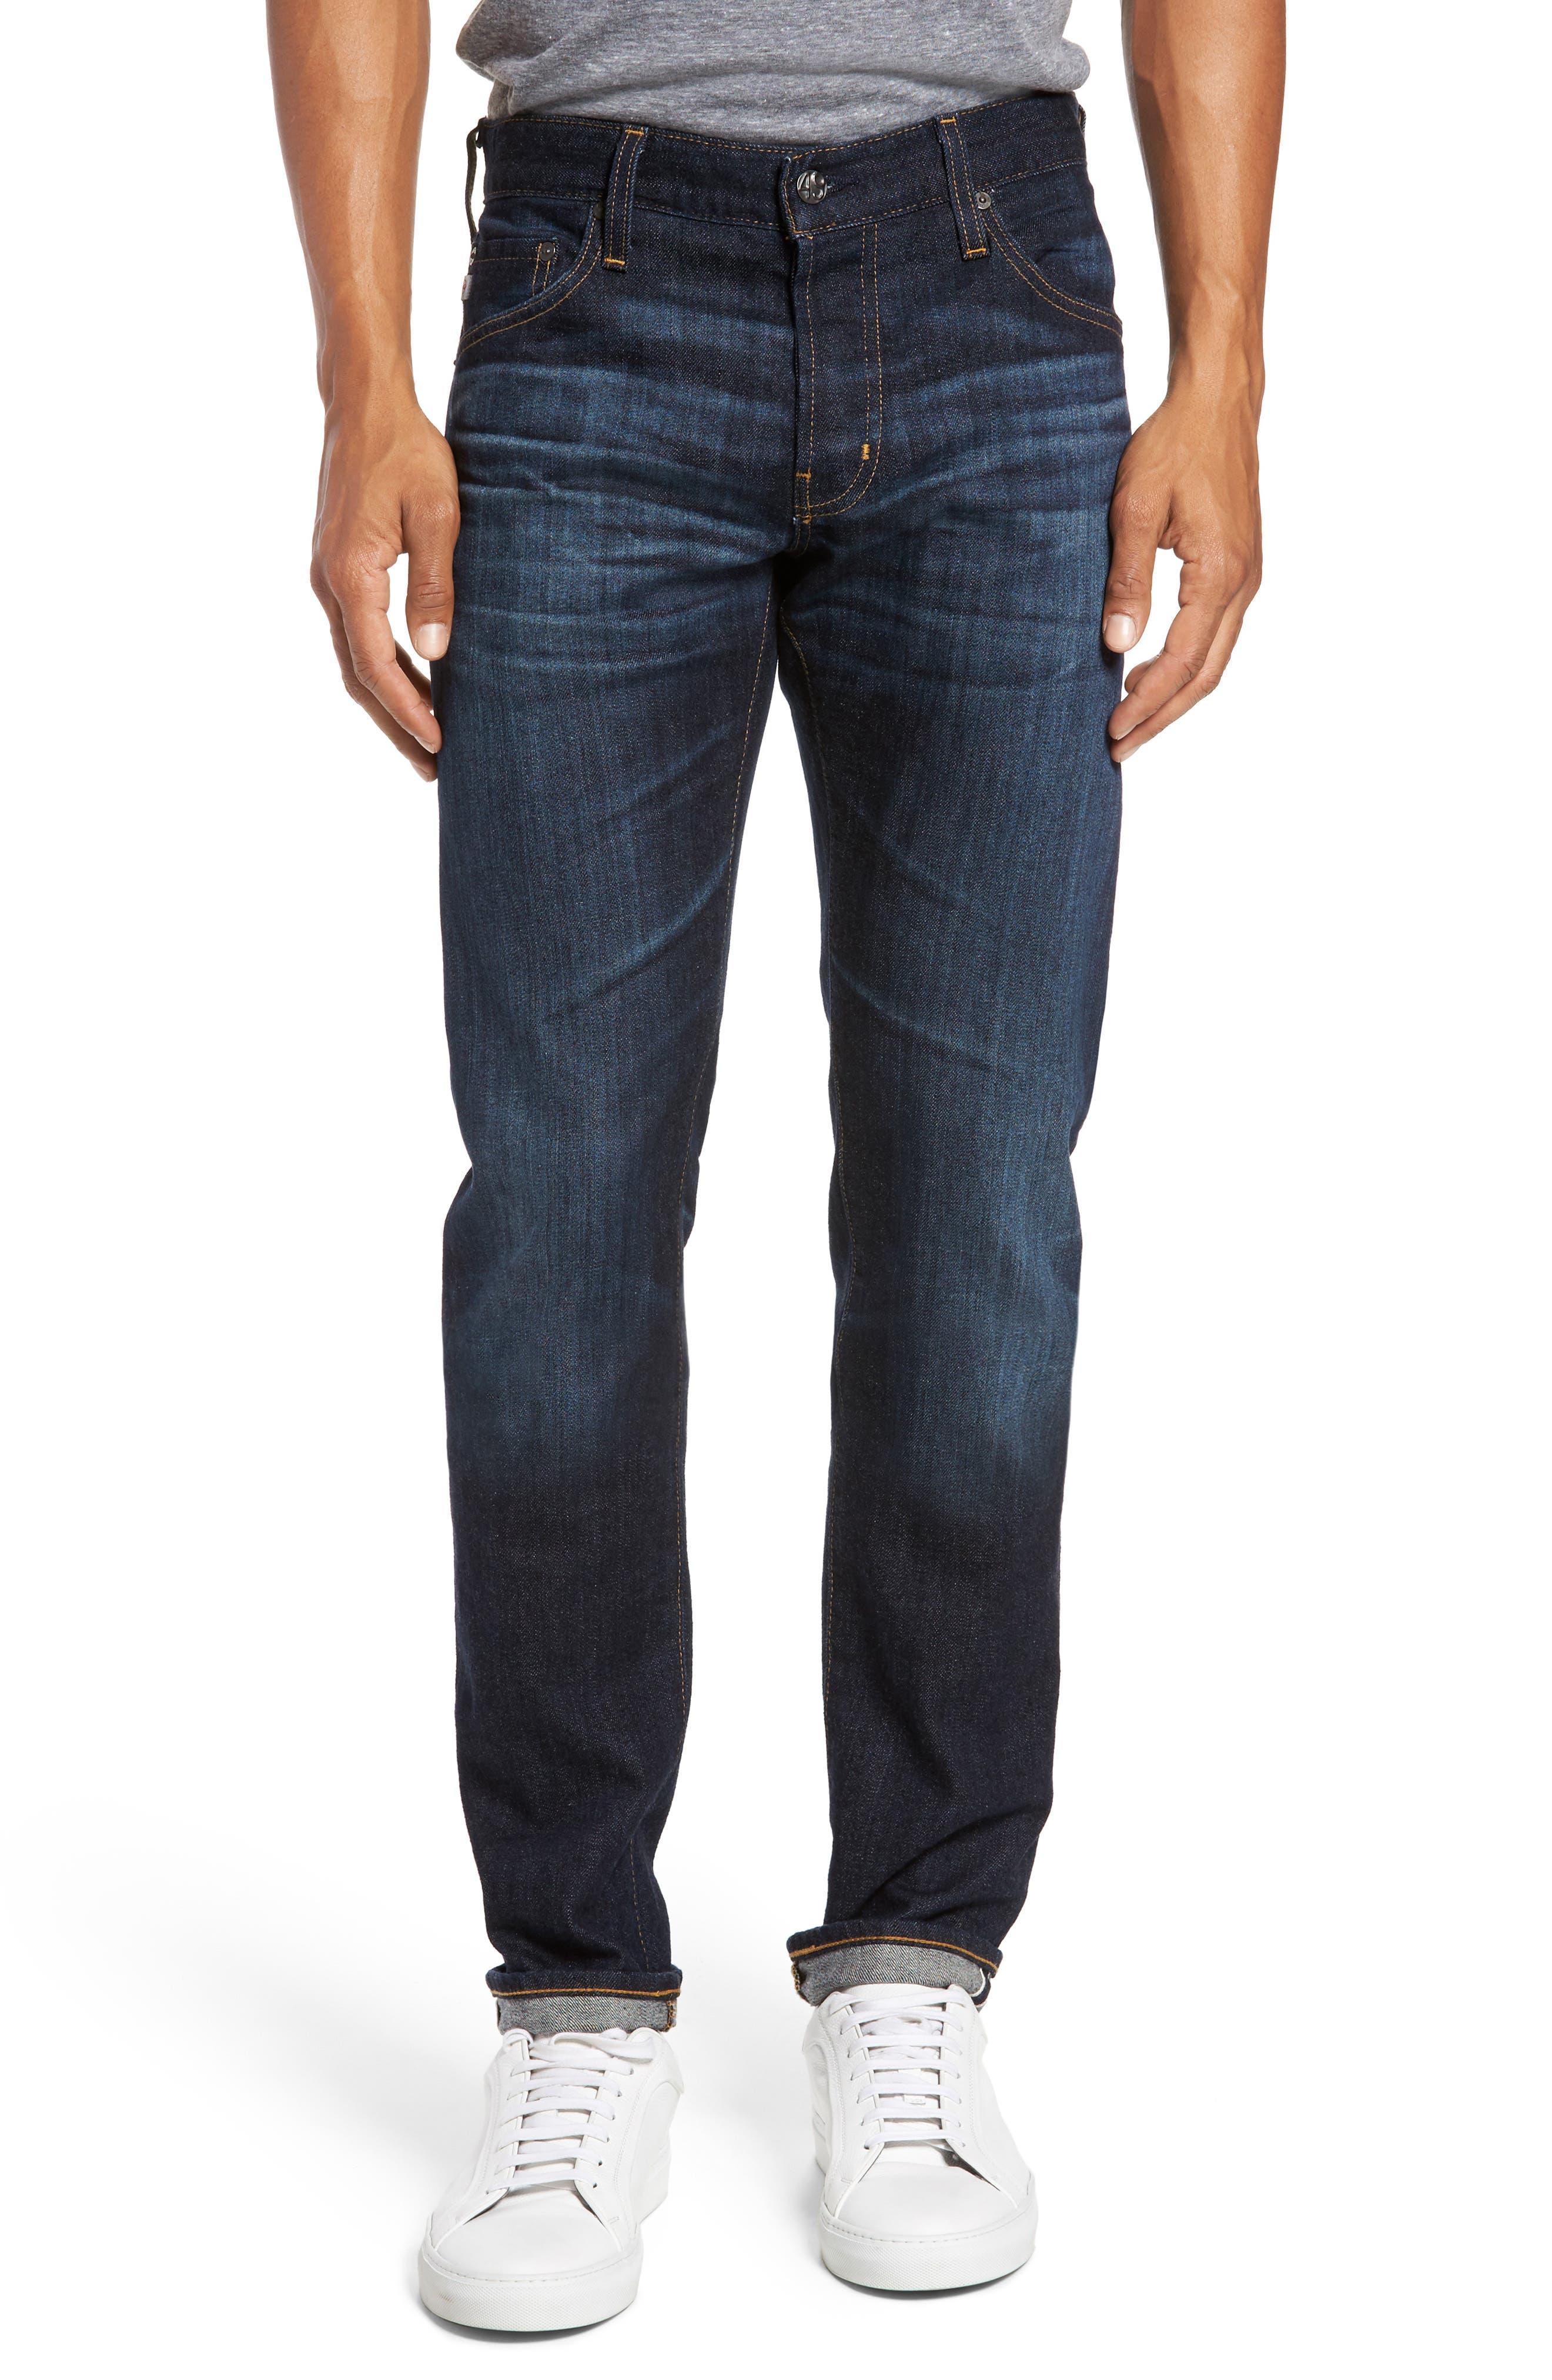 Tellis Slim Fit Jeans,                         Main,                         color, 2 Years Jinx